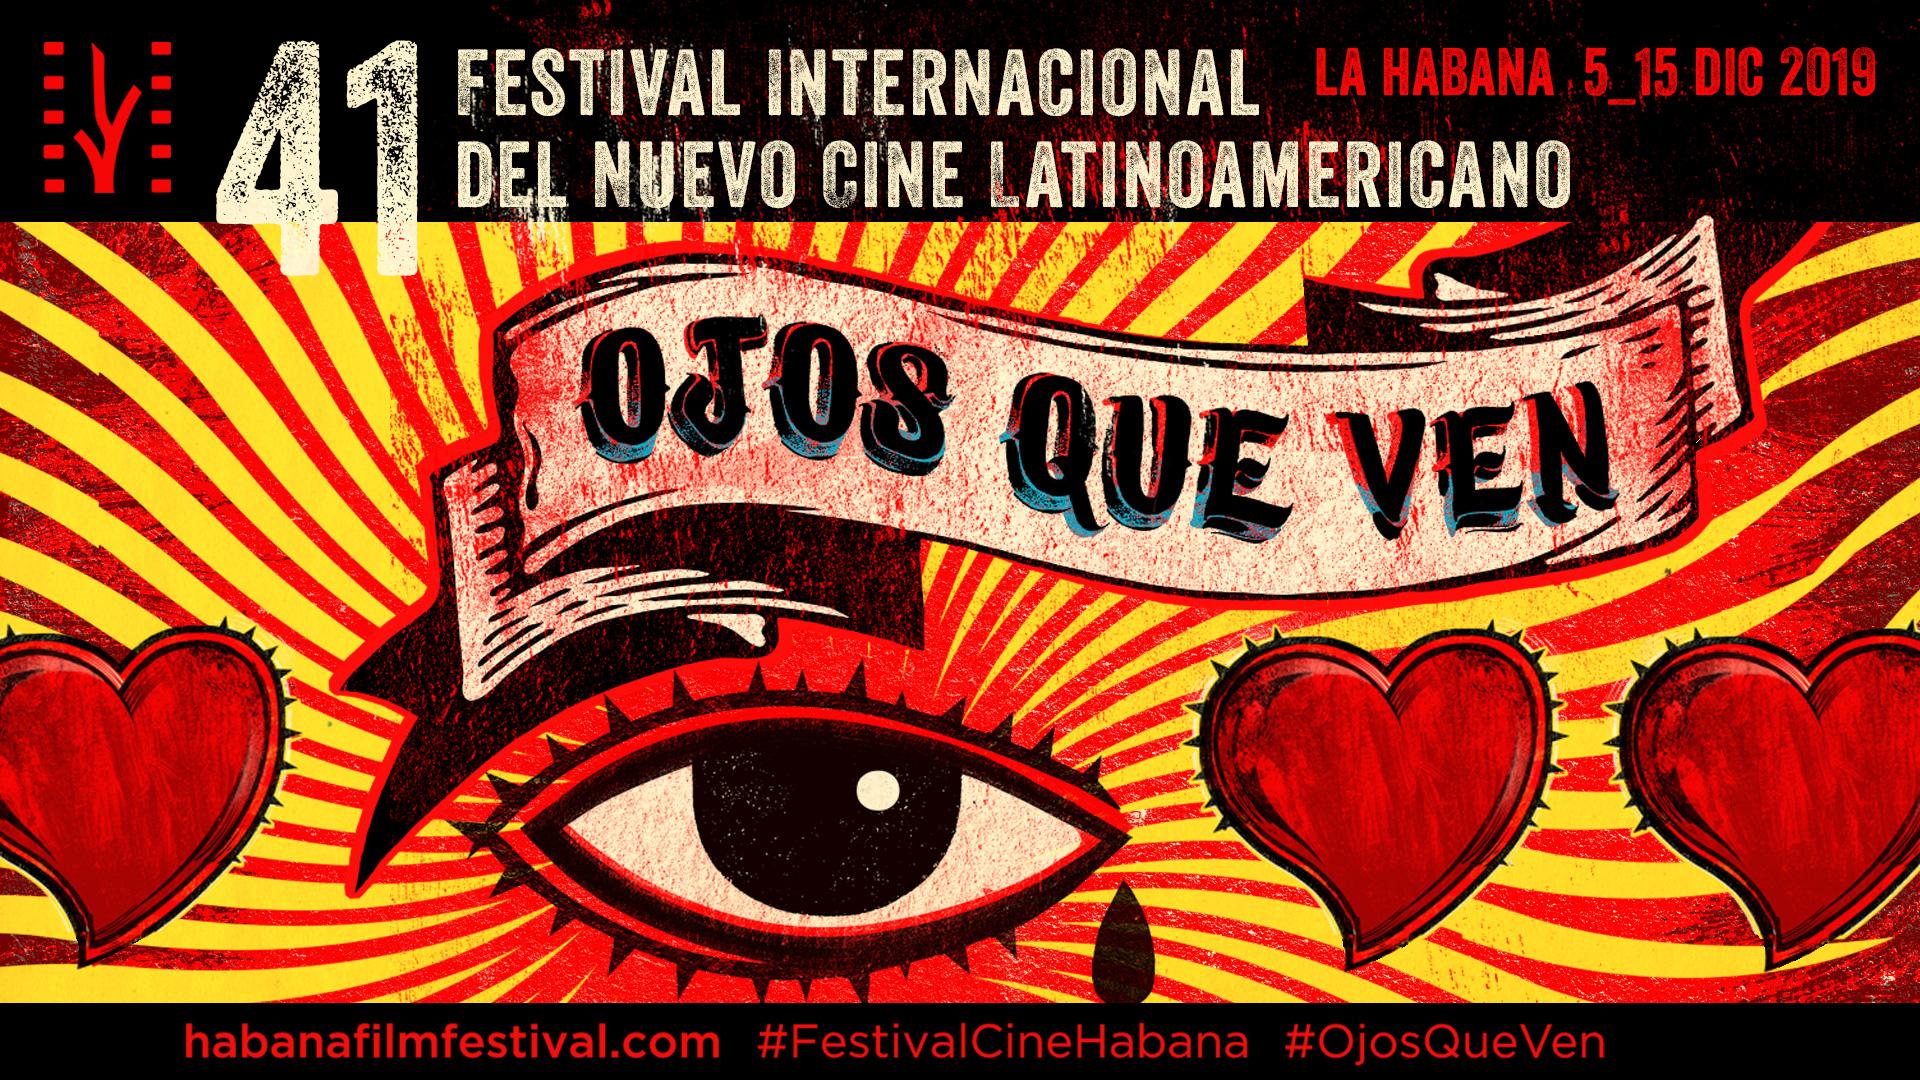 Festival Internacional de Nuevo Cine de La Habana